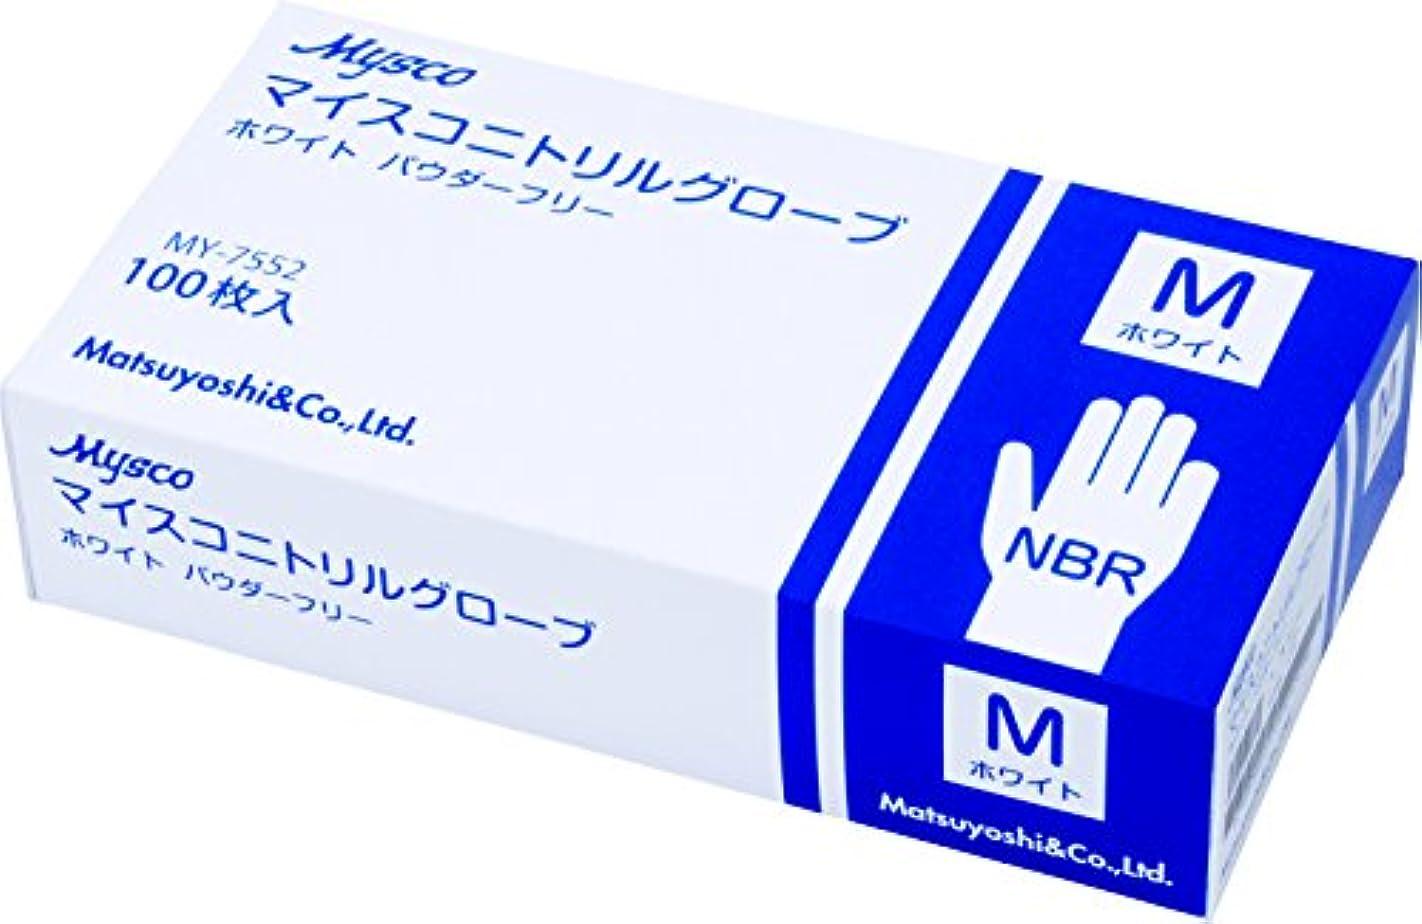 テンション素晴らしい銀河使い捨て手袋 ニトリルグローブ ホワイト 粉なし(サイズ:M)100枚入り 病院採用商品